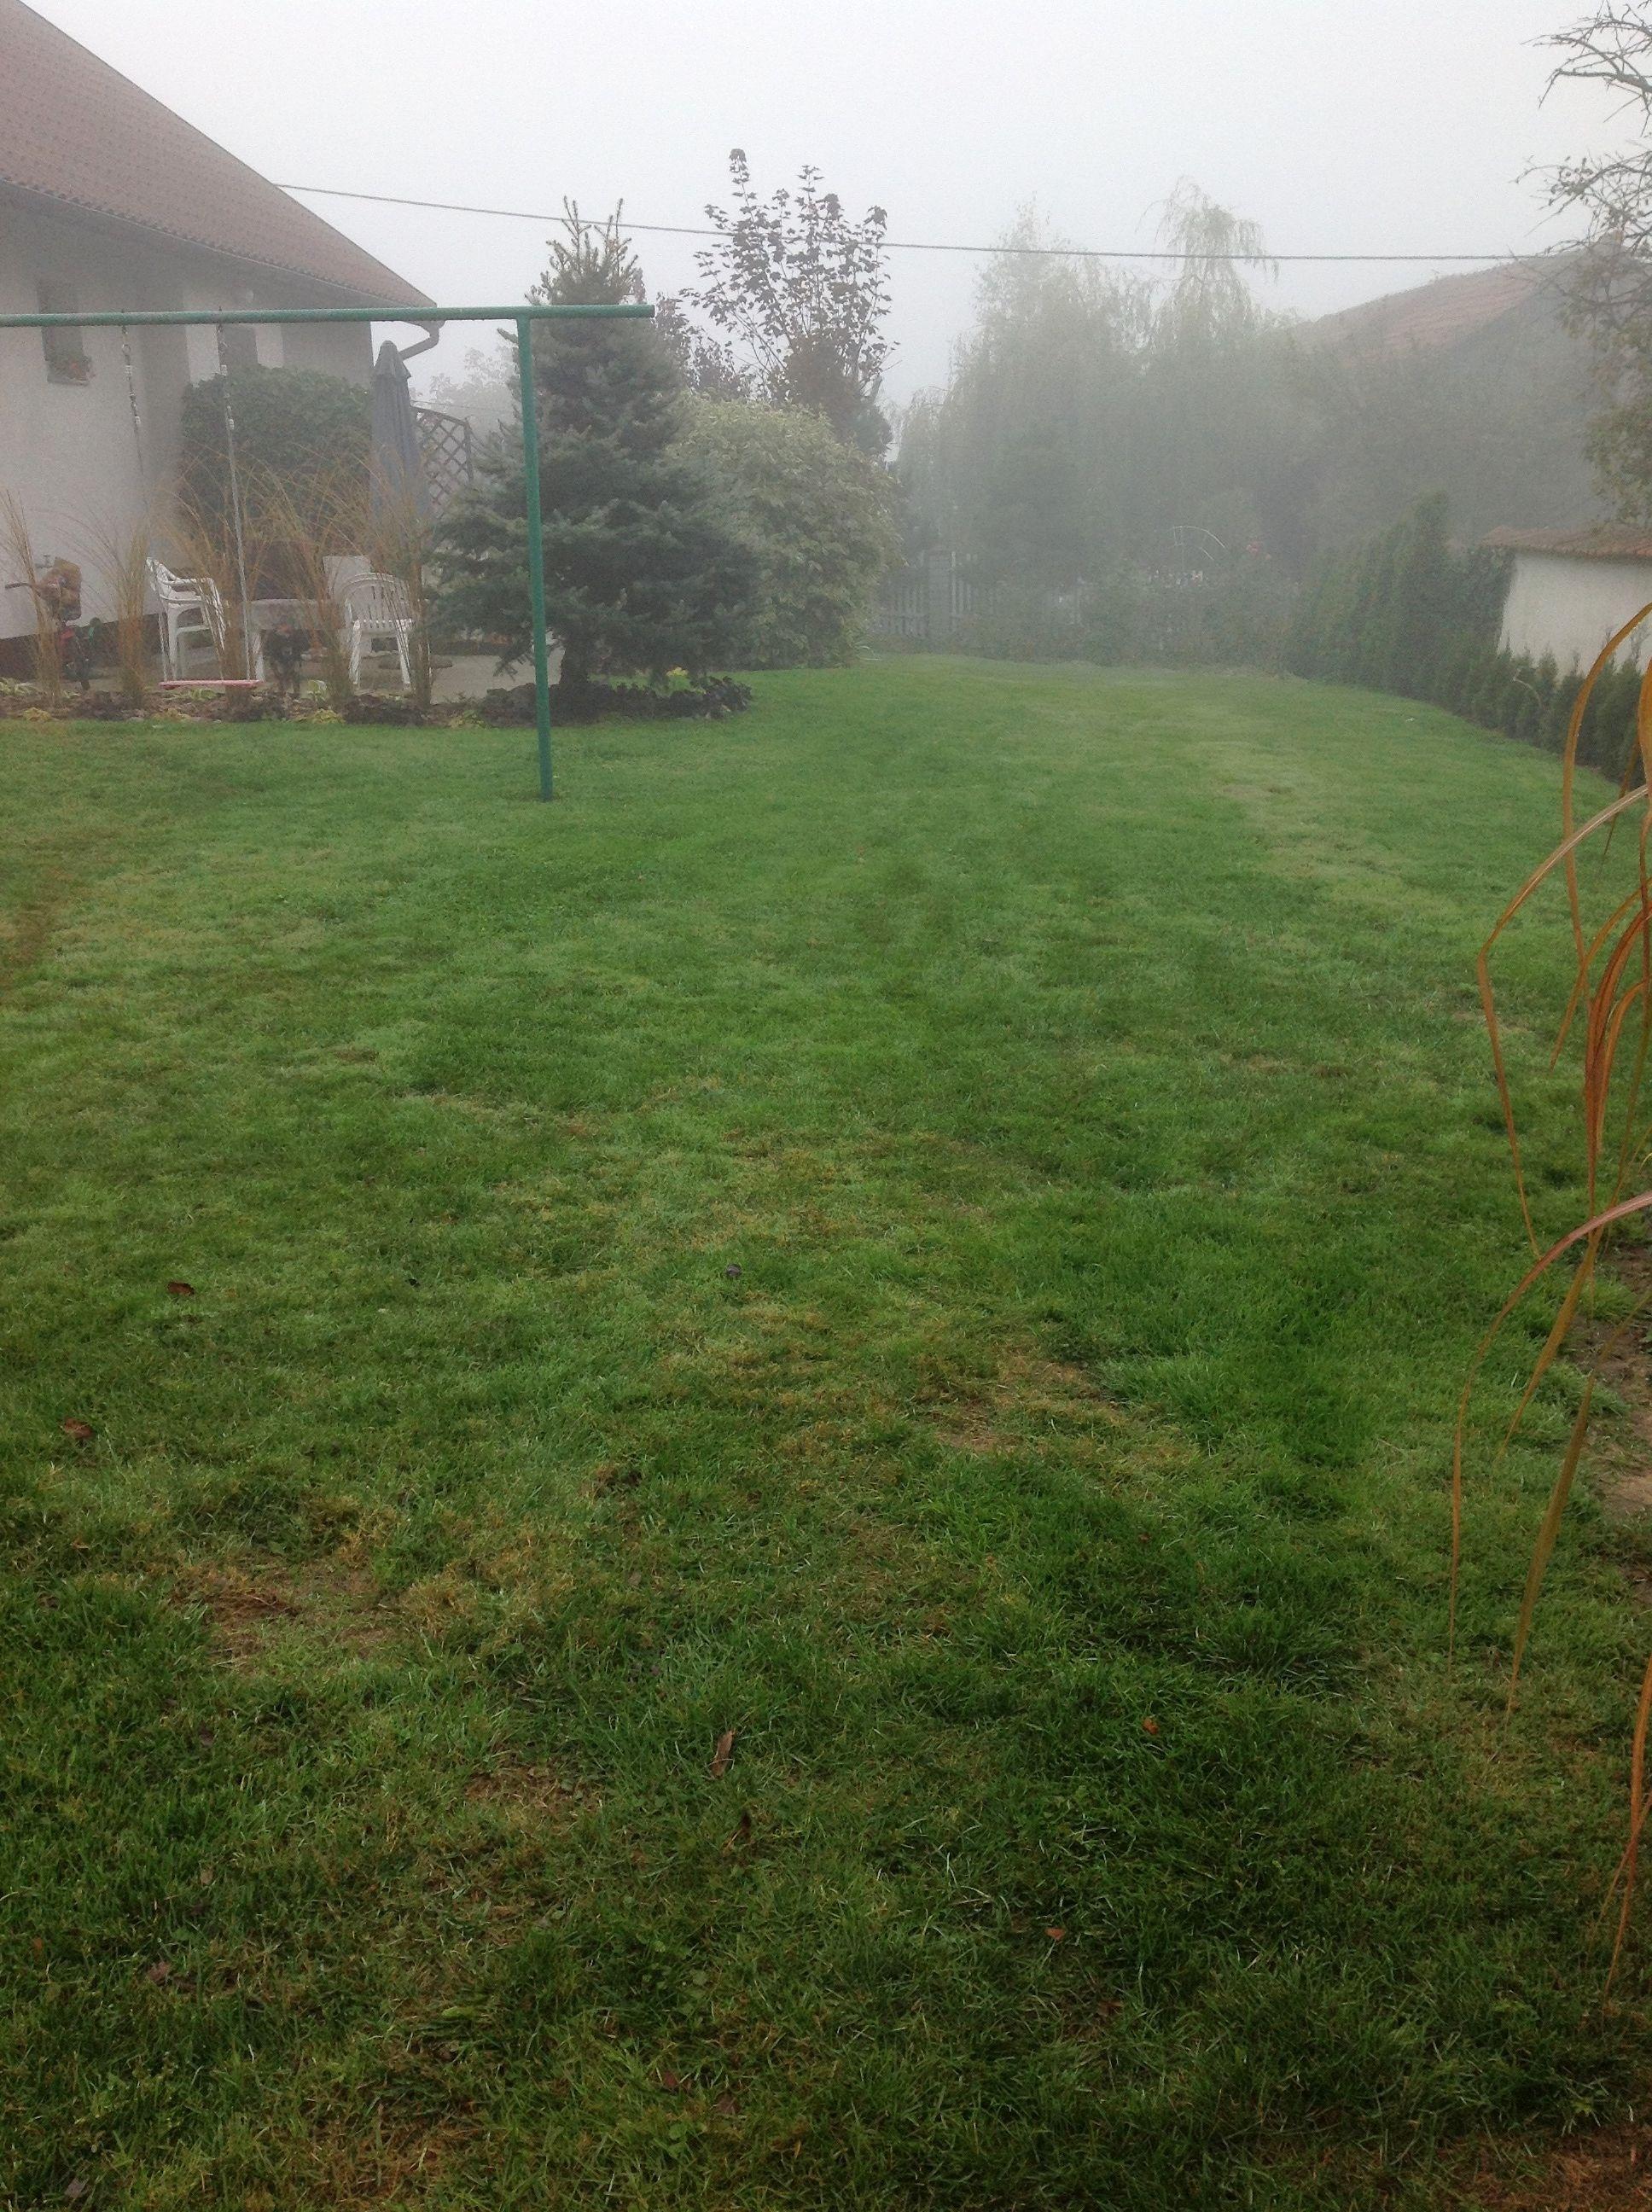 Ogród spowity poranną mgłą